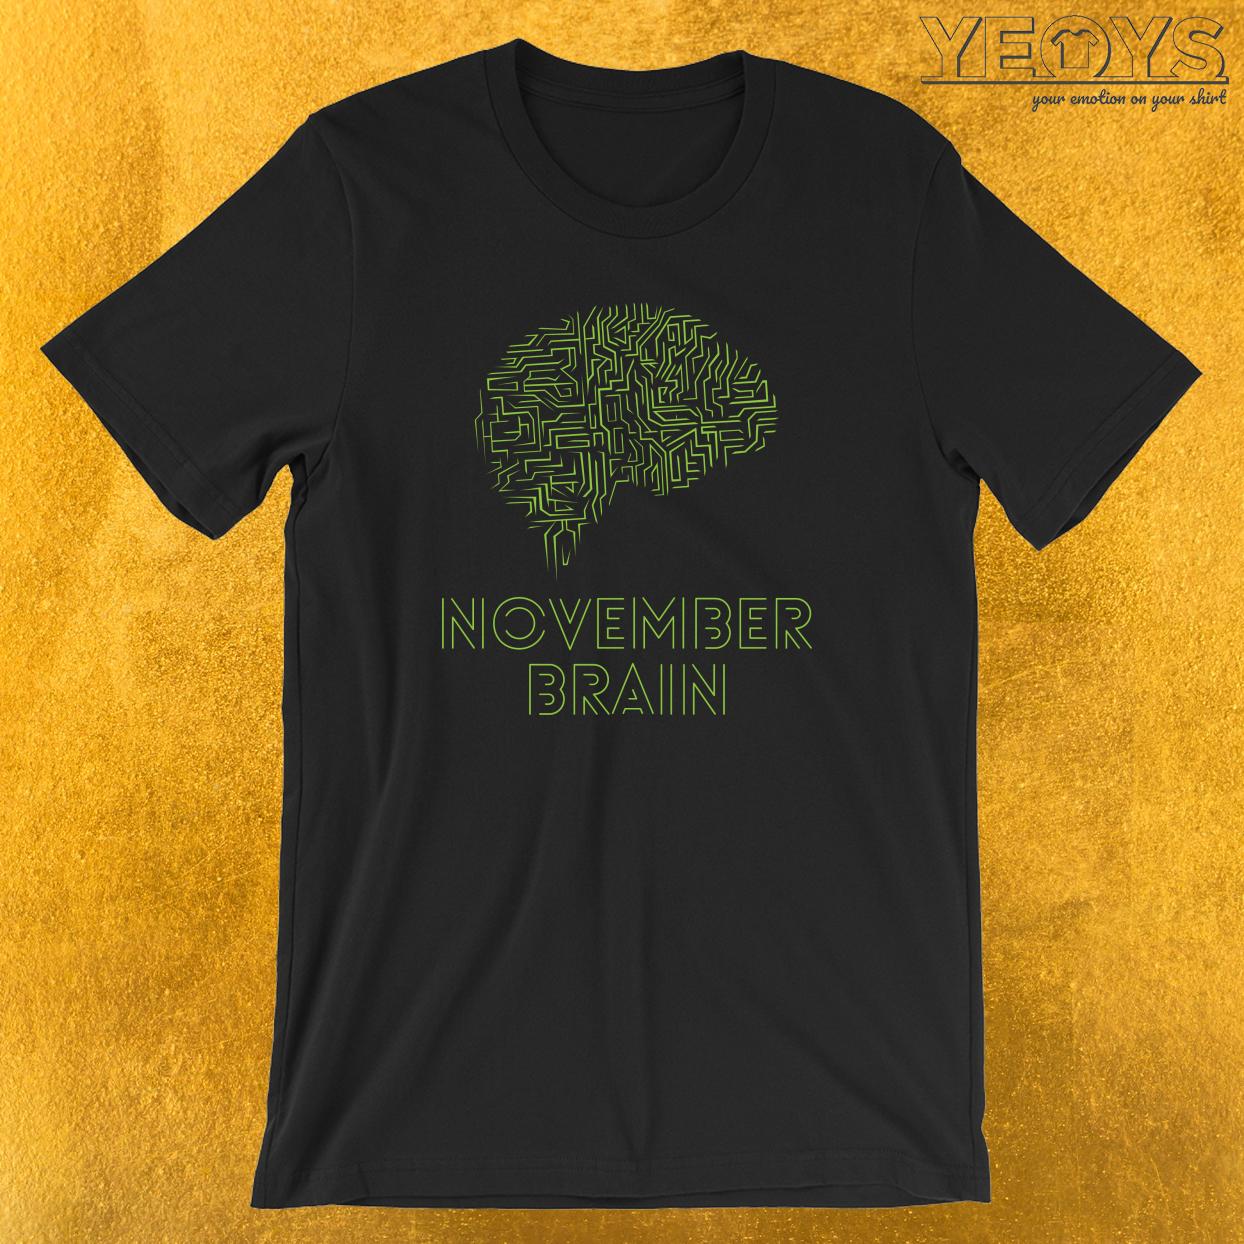 November Brain T-Shirt